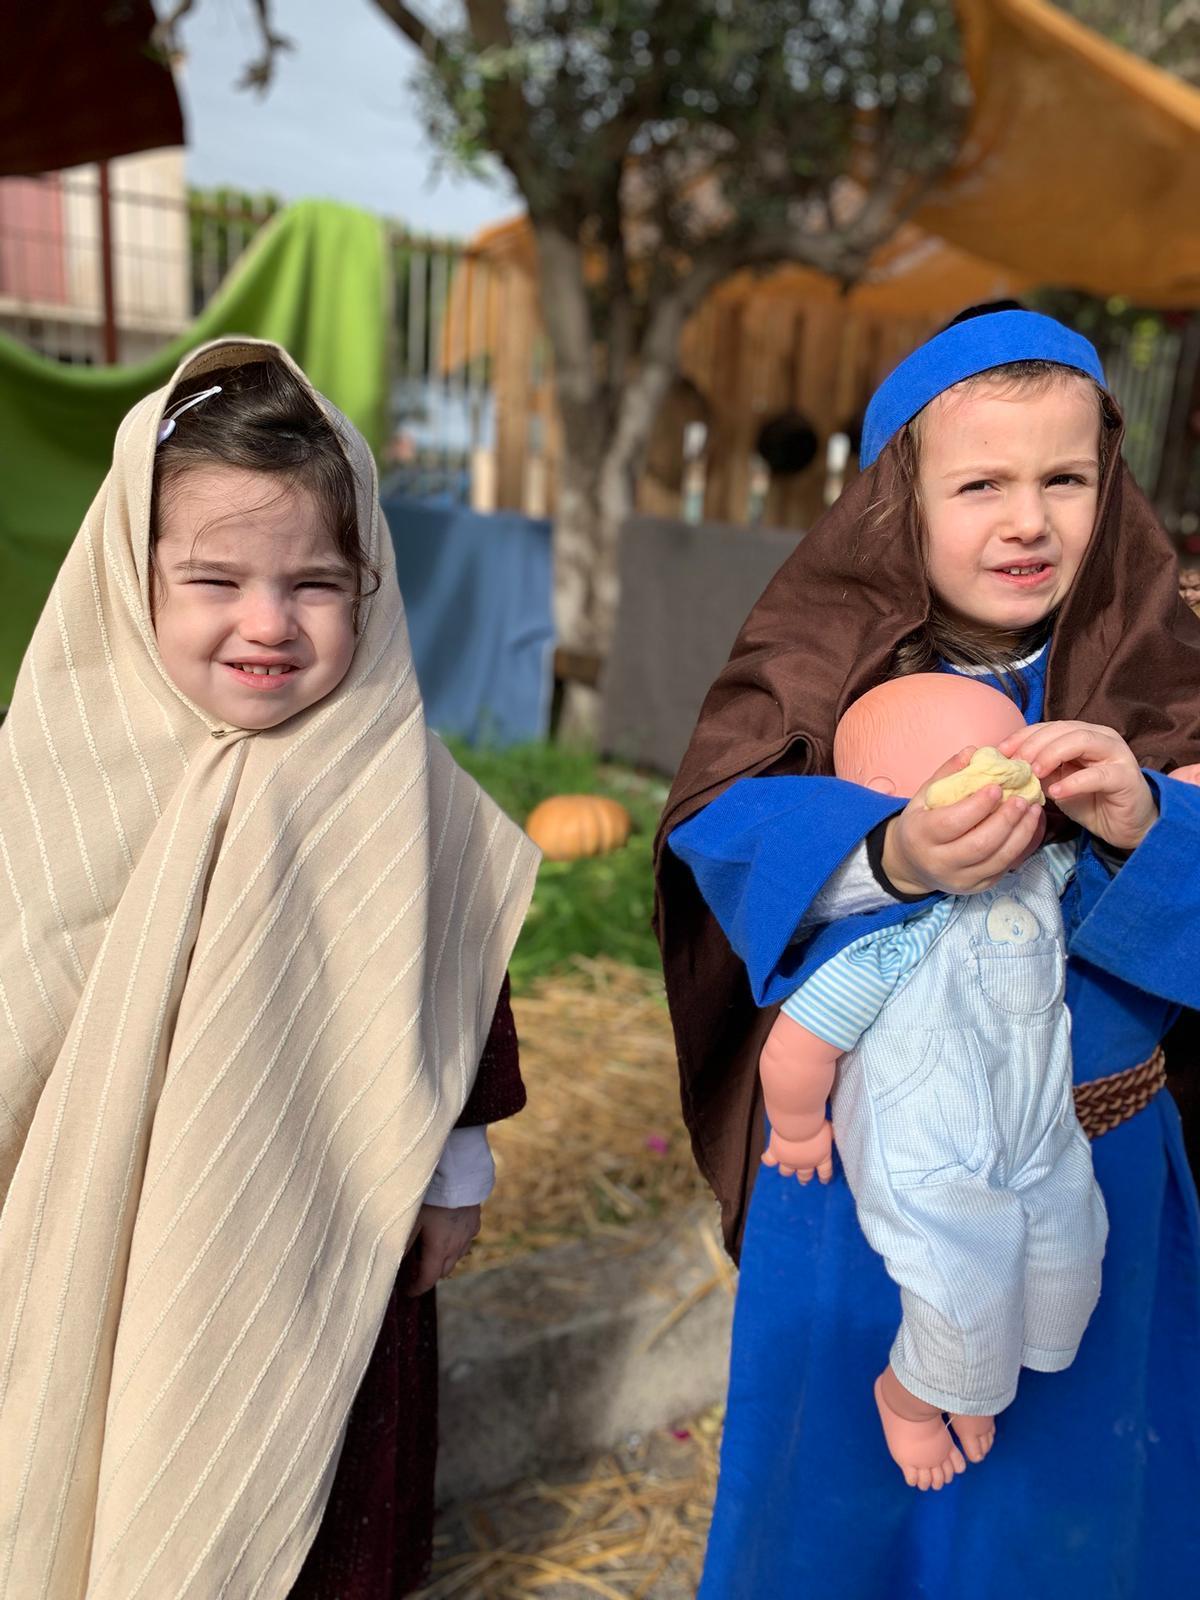 12e6a6017336 Gli antichi mestieri rappresentati da bambini in abiti dell epoca. Canta  storie